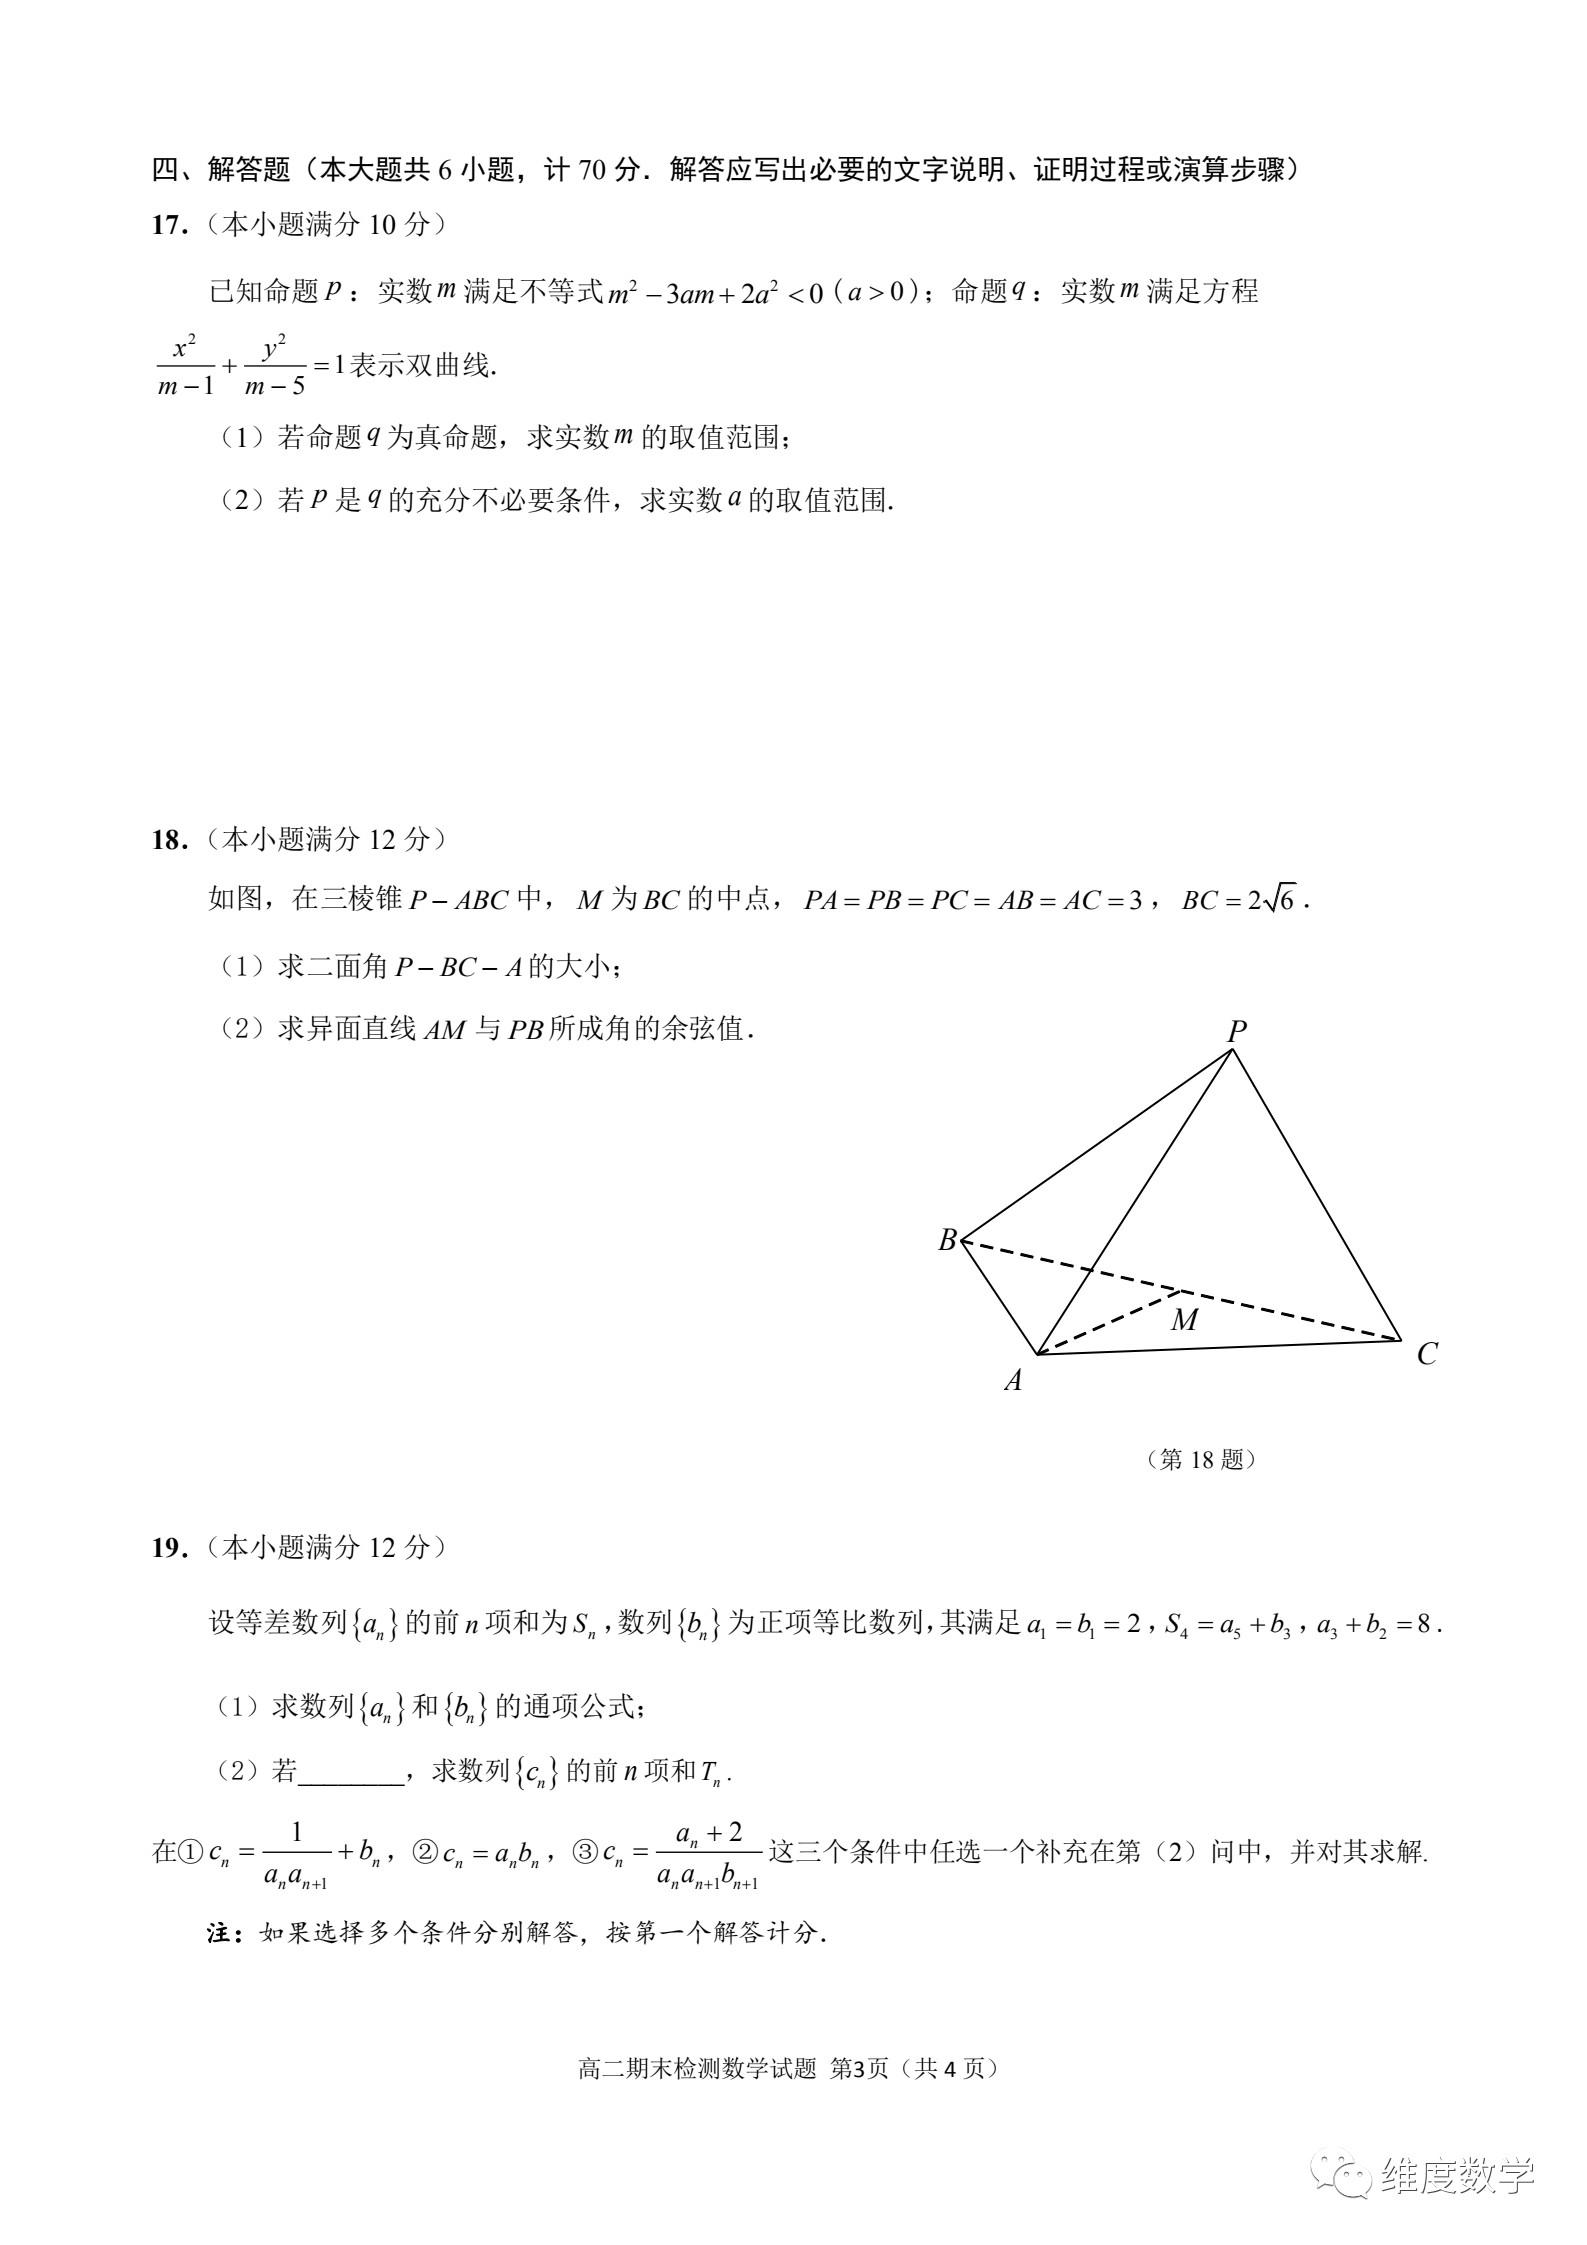 江苏省扬州市2020-2021学年度第一学期高二期末检测数学试题图3